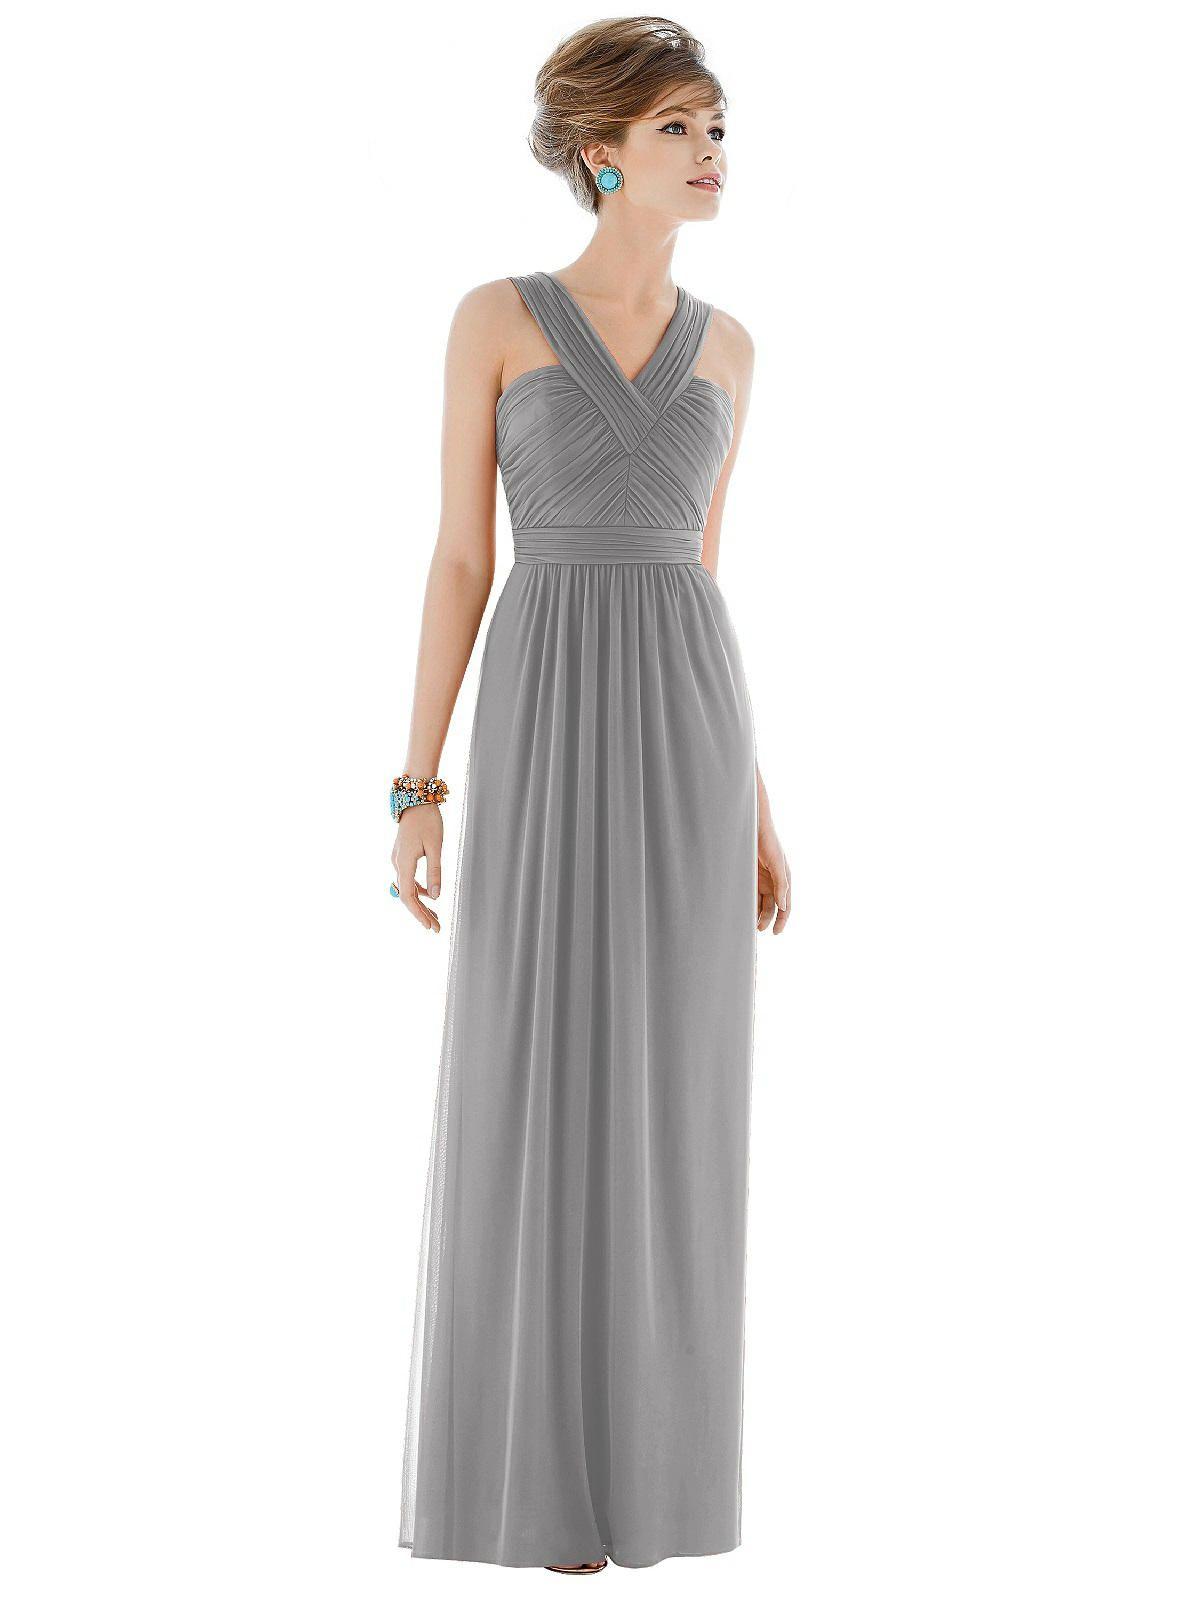 f2a8a9a779e Dessy Bridesmaid Dresses Online Shop